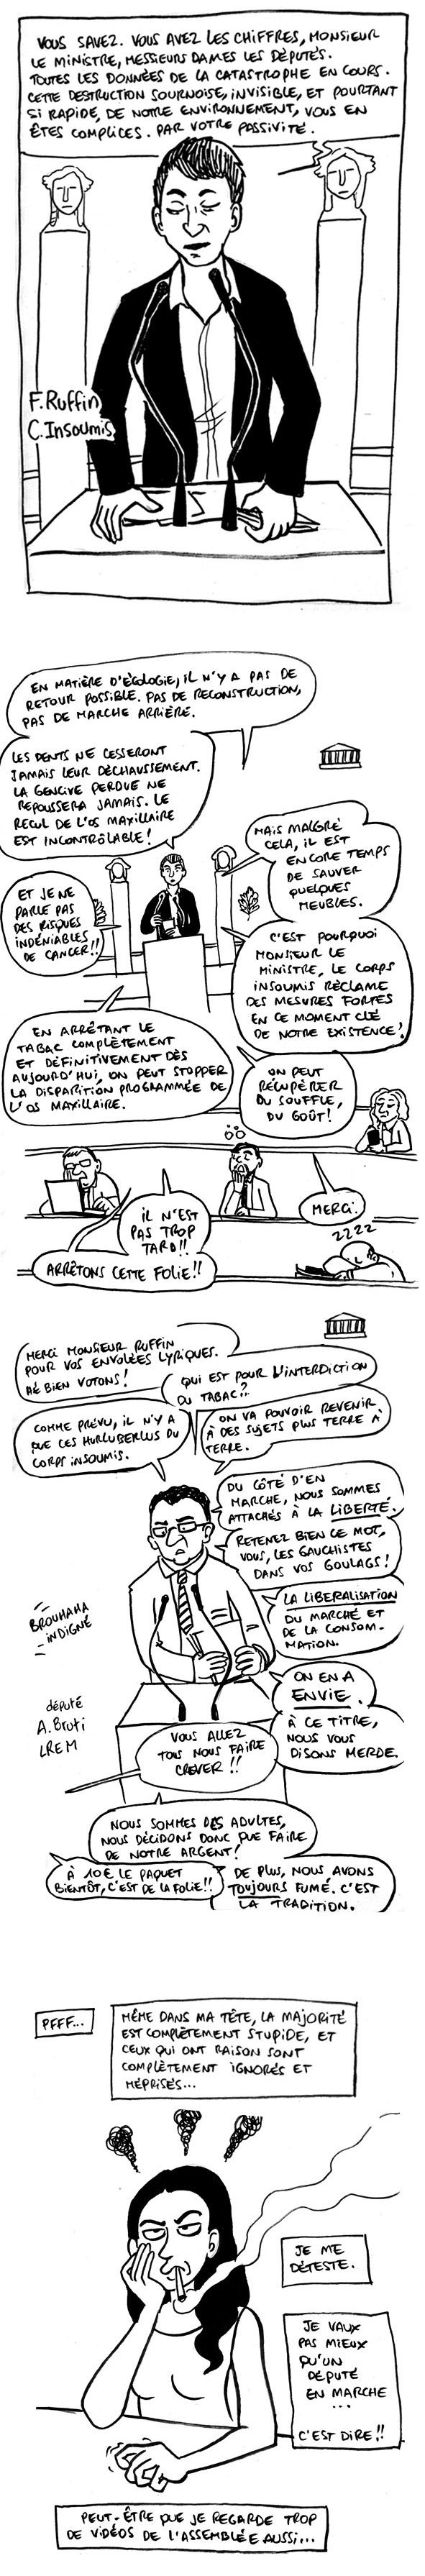 http://melaka.free.fr/blog/assemblee.jpg